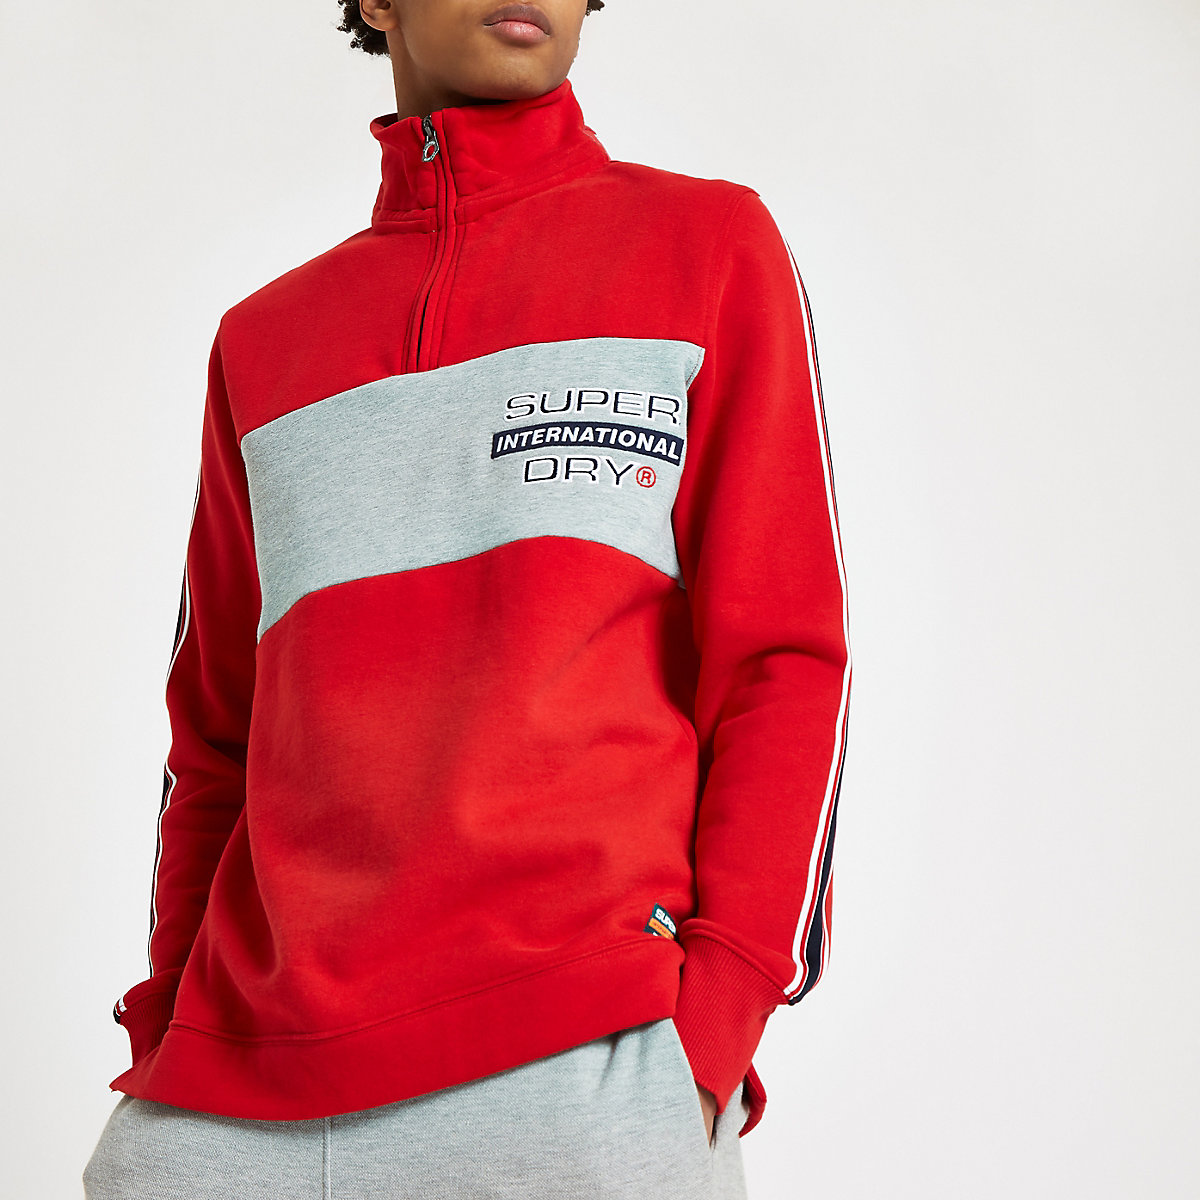 Superdry red zip funnel neck sweatshirt